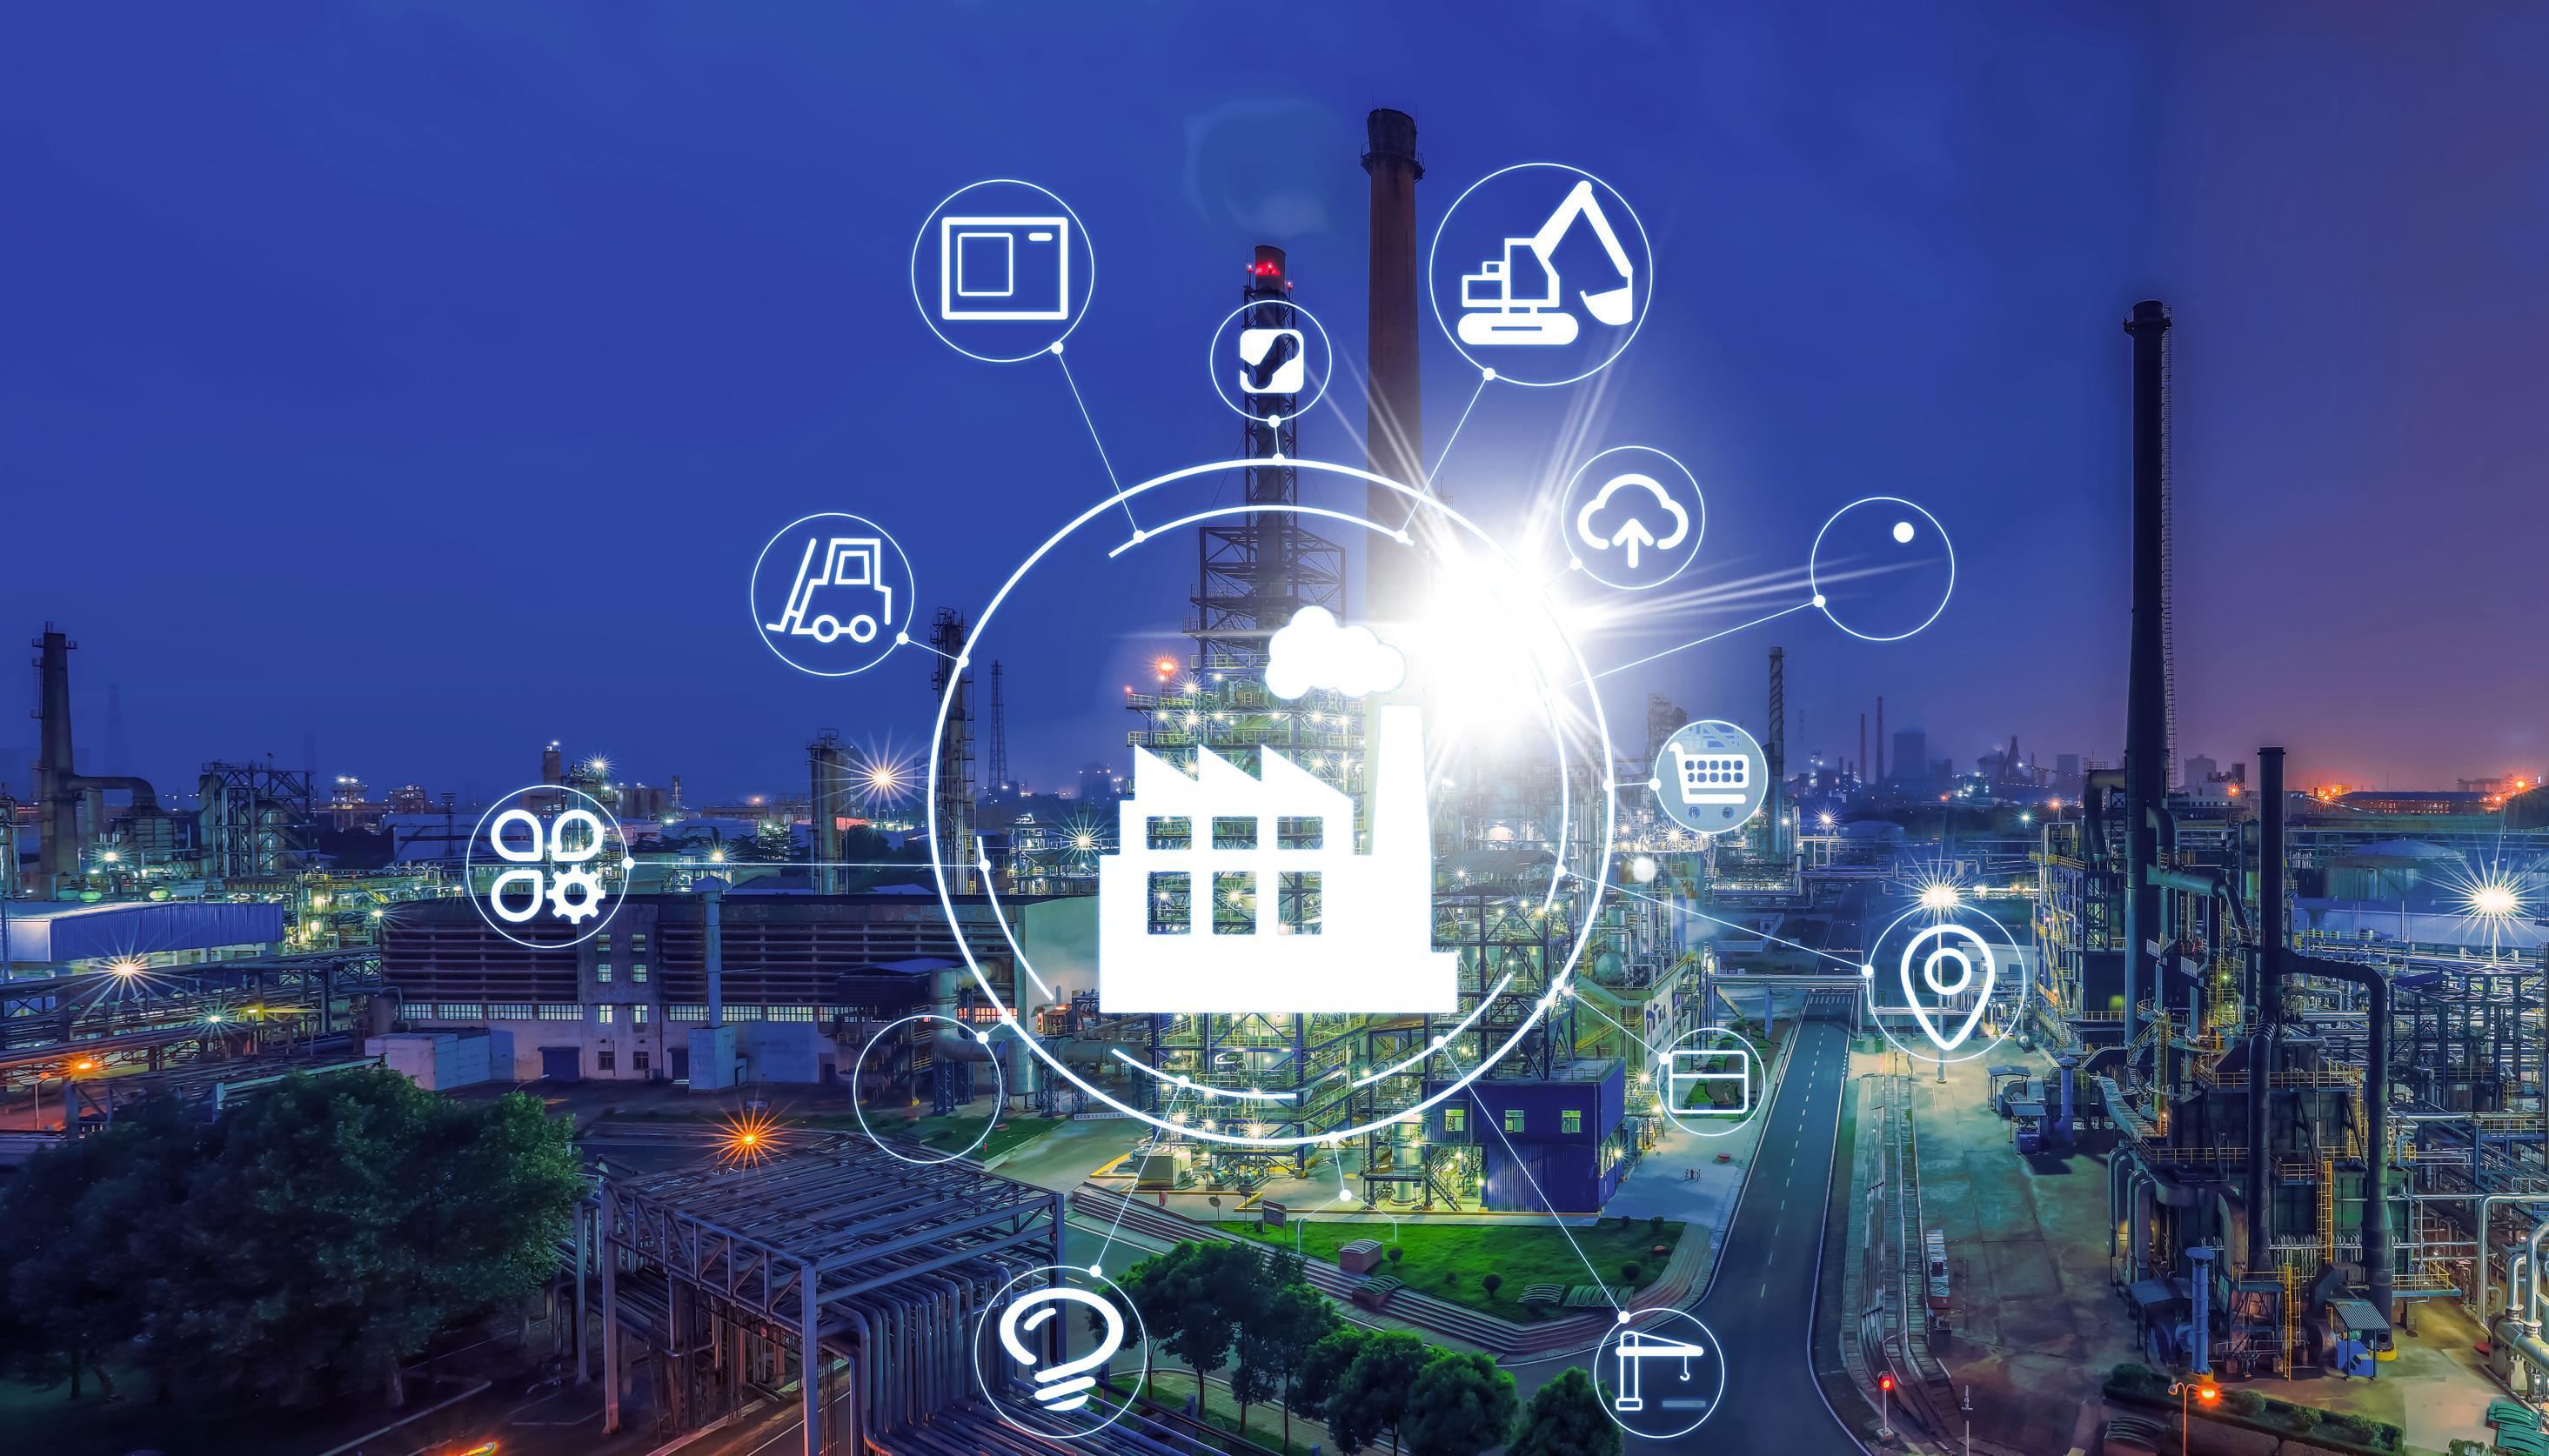 广和通眼中的5G时代通信智能化变革